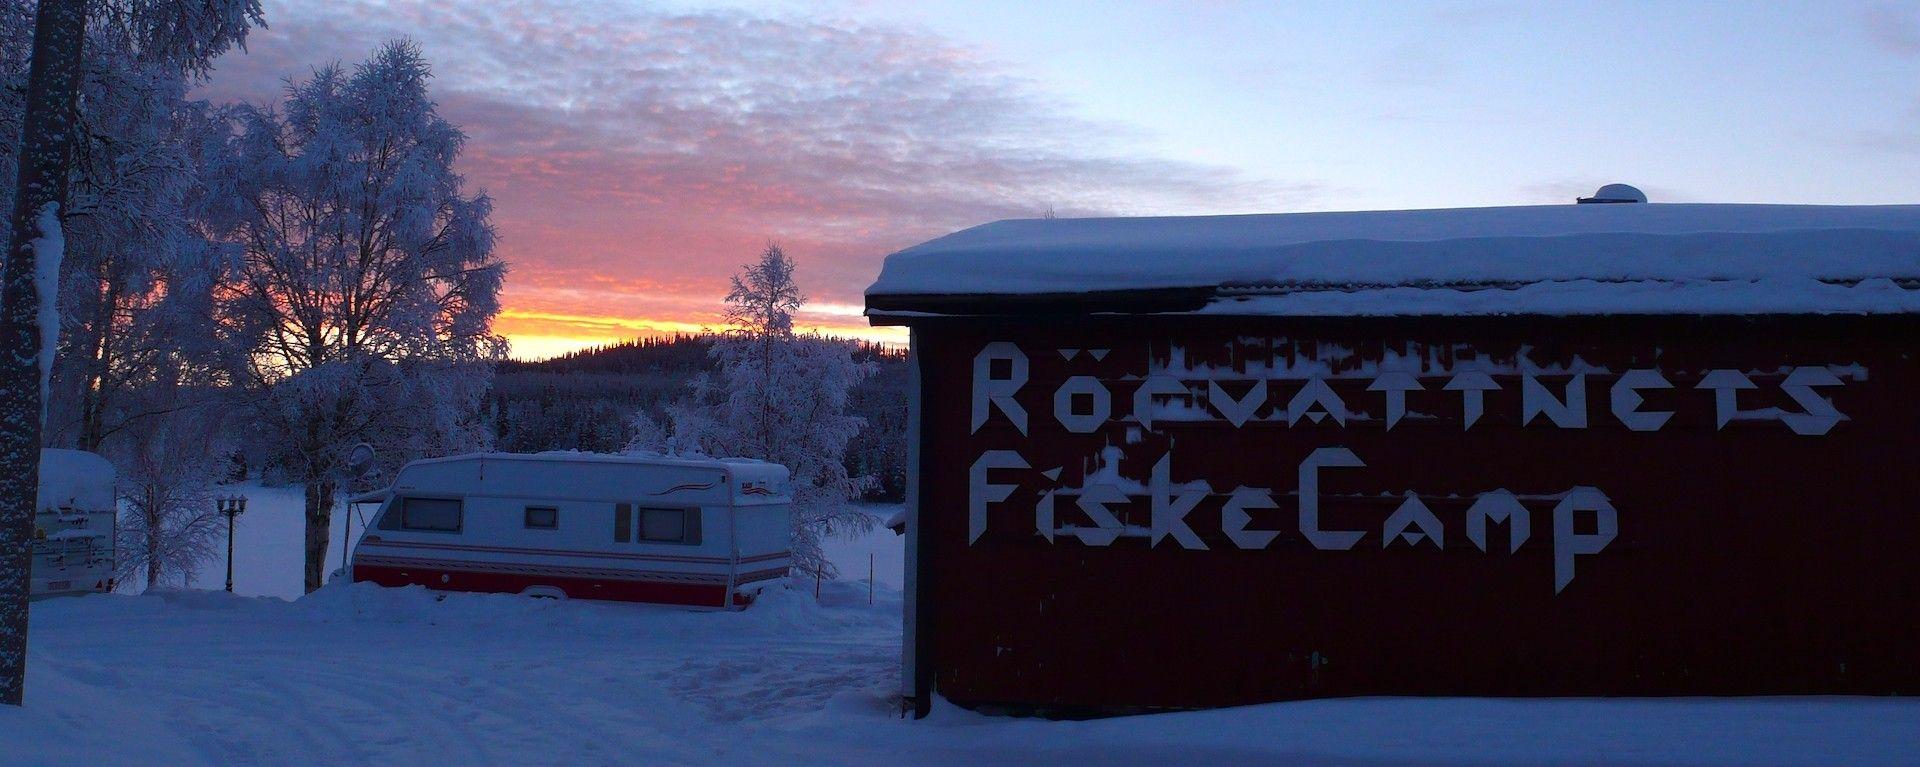 Vintercamping hos Rörvattnets FiskeCamp.